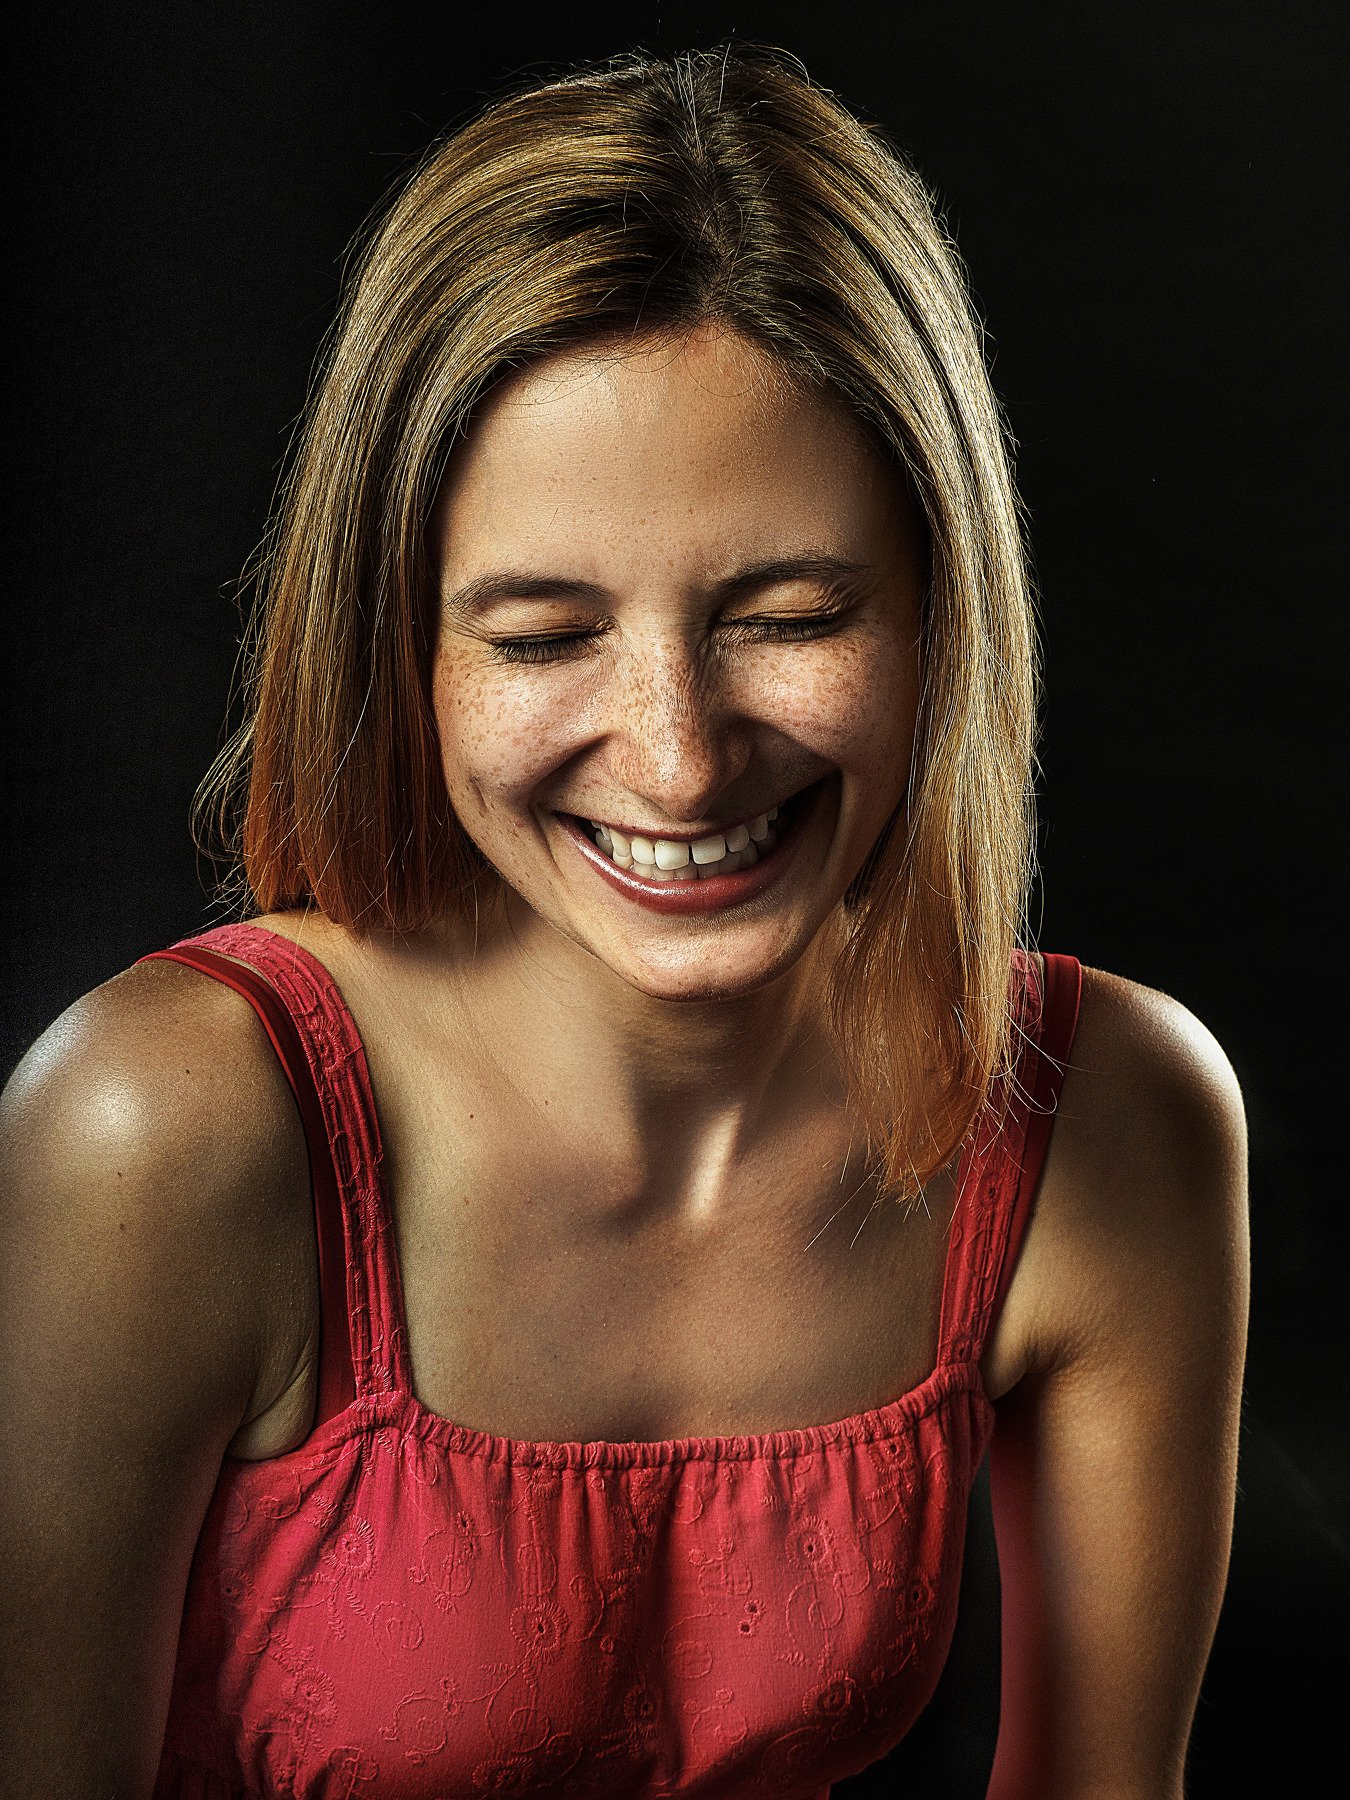 портрет, женщина, смех, Алексей Школдин